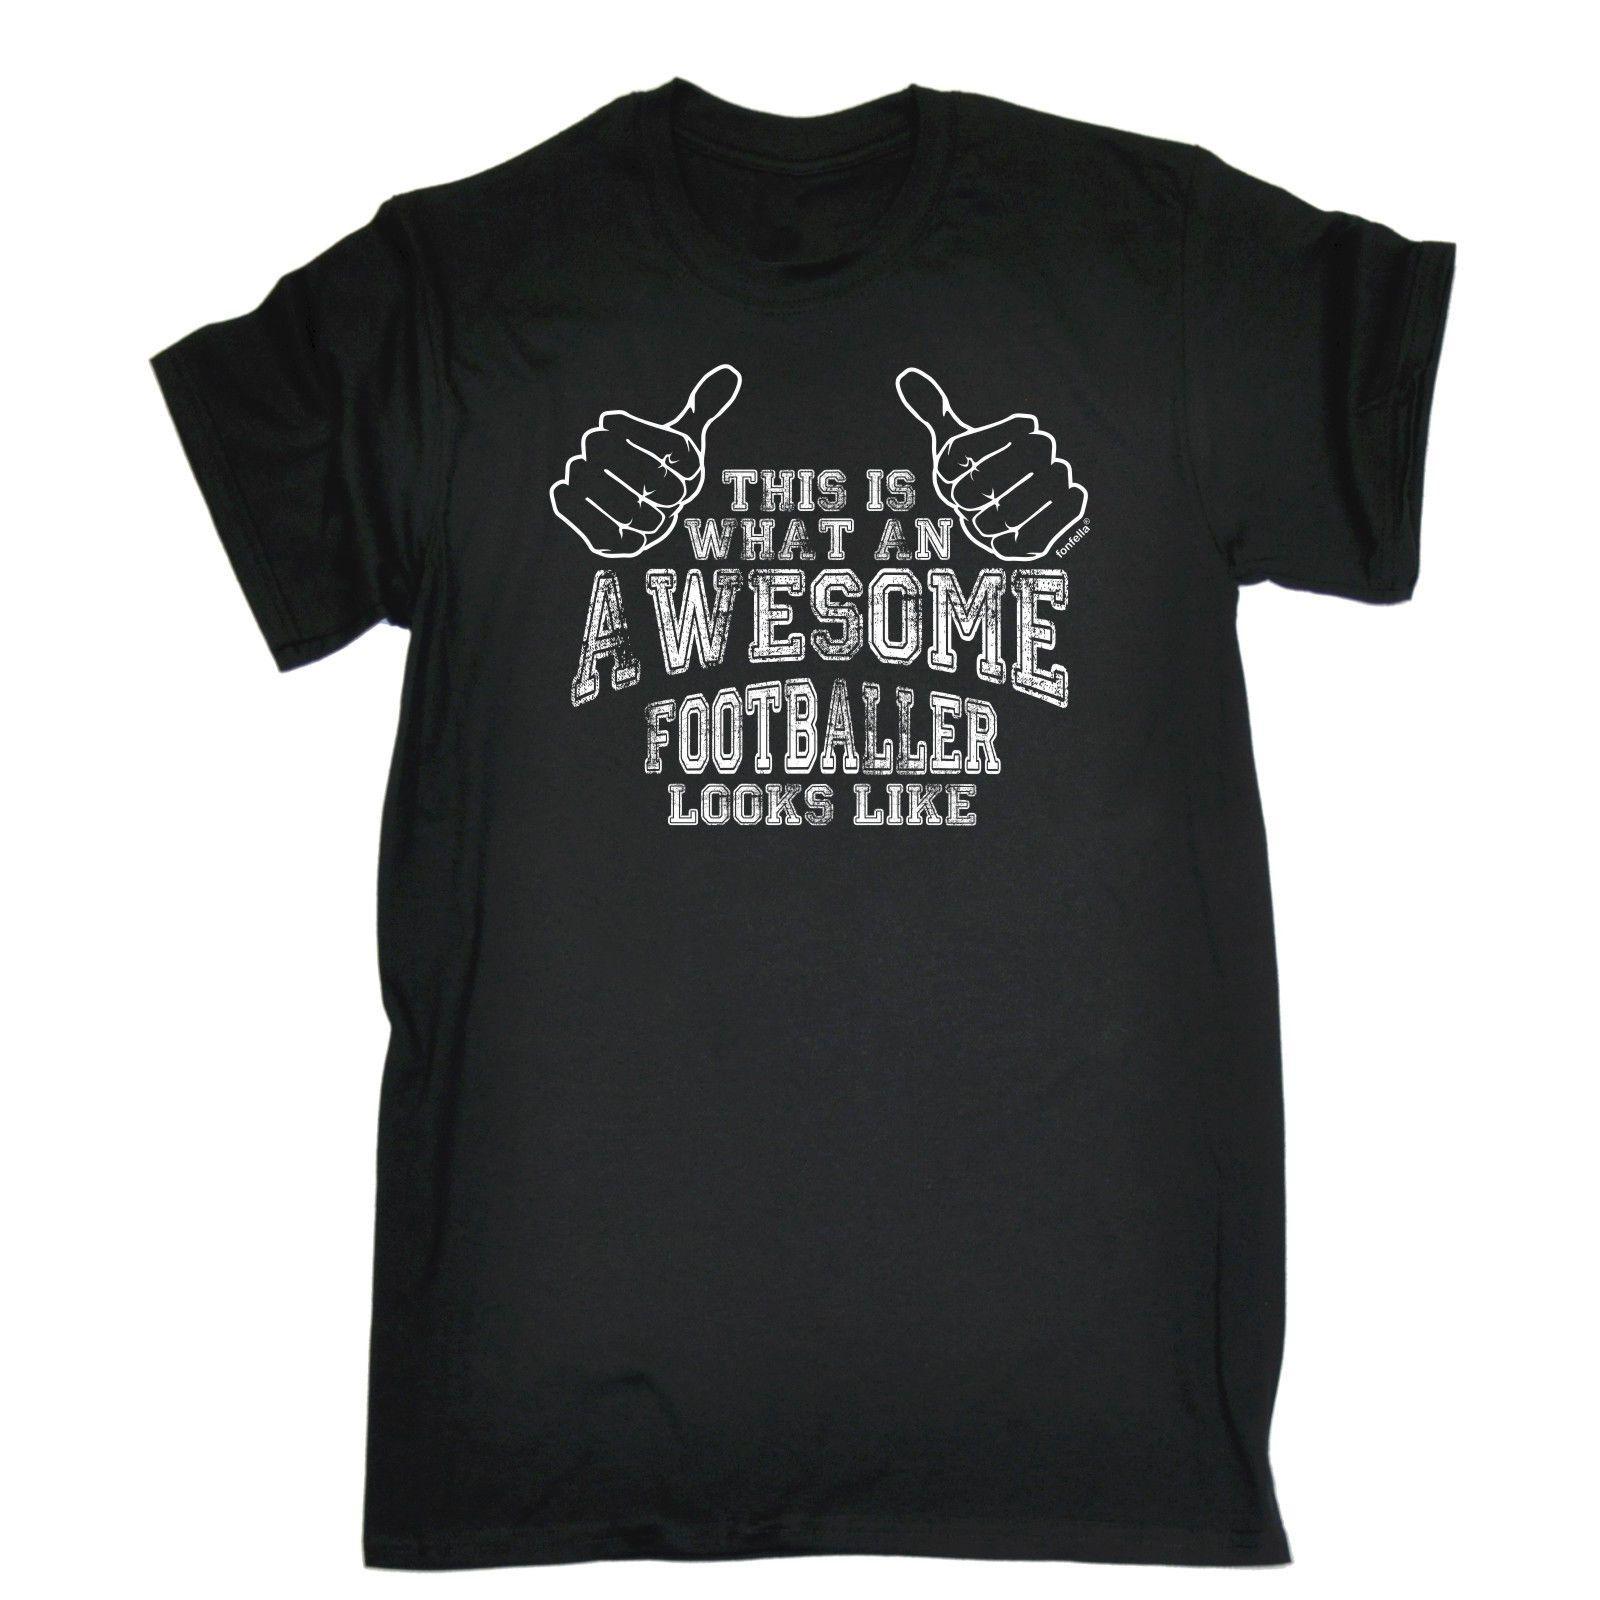 Wie Ein Fantastischer Fußballspieler Aussieht T Shirt Fußball Fußball Geschenk Geburtstag